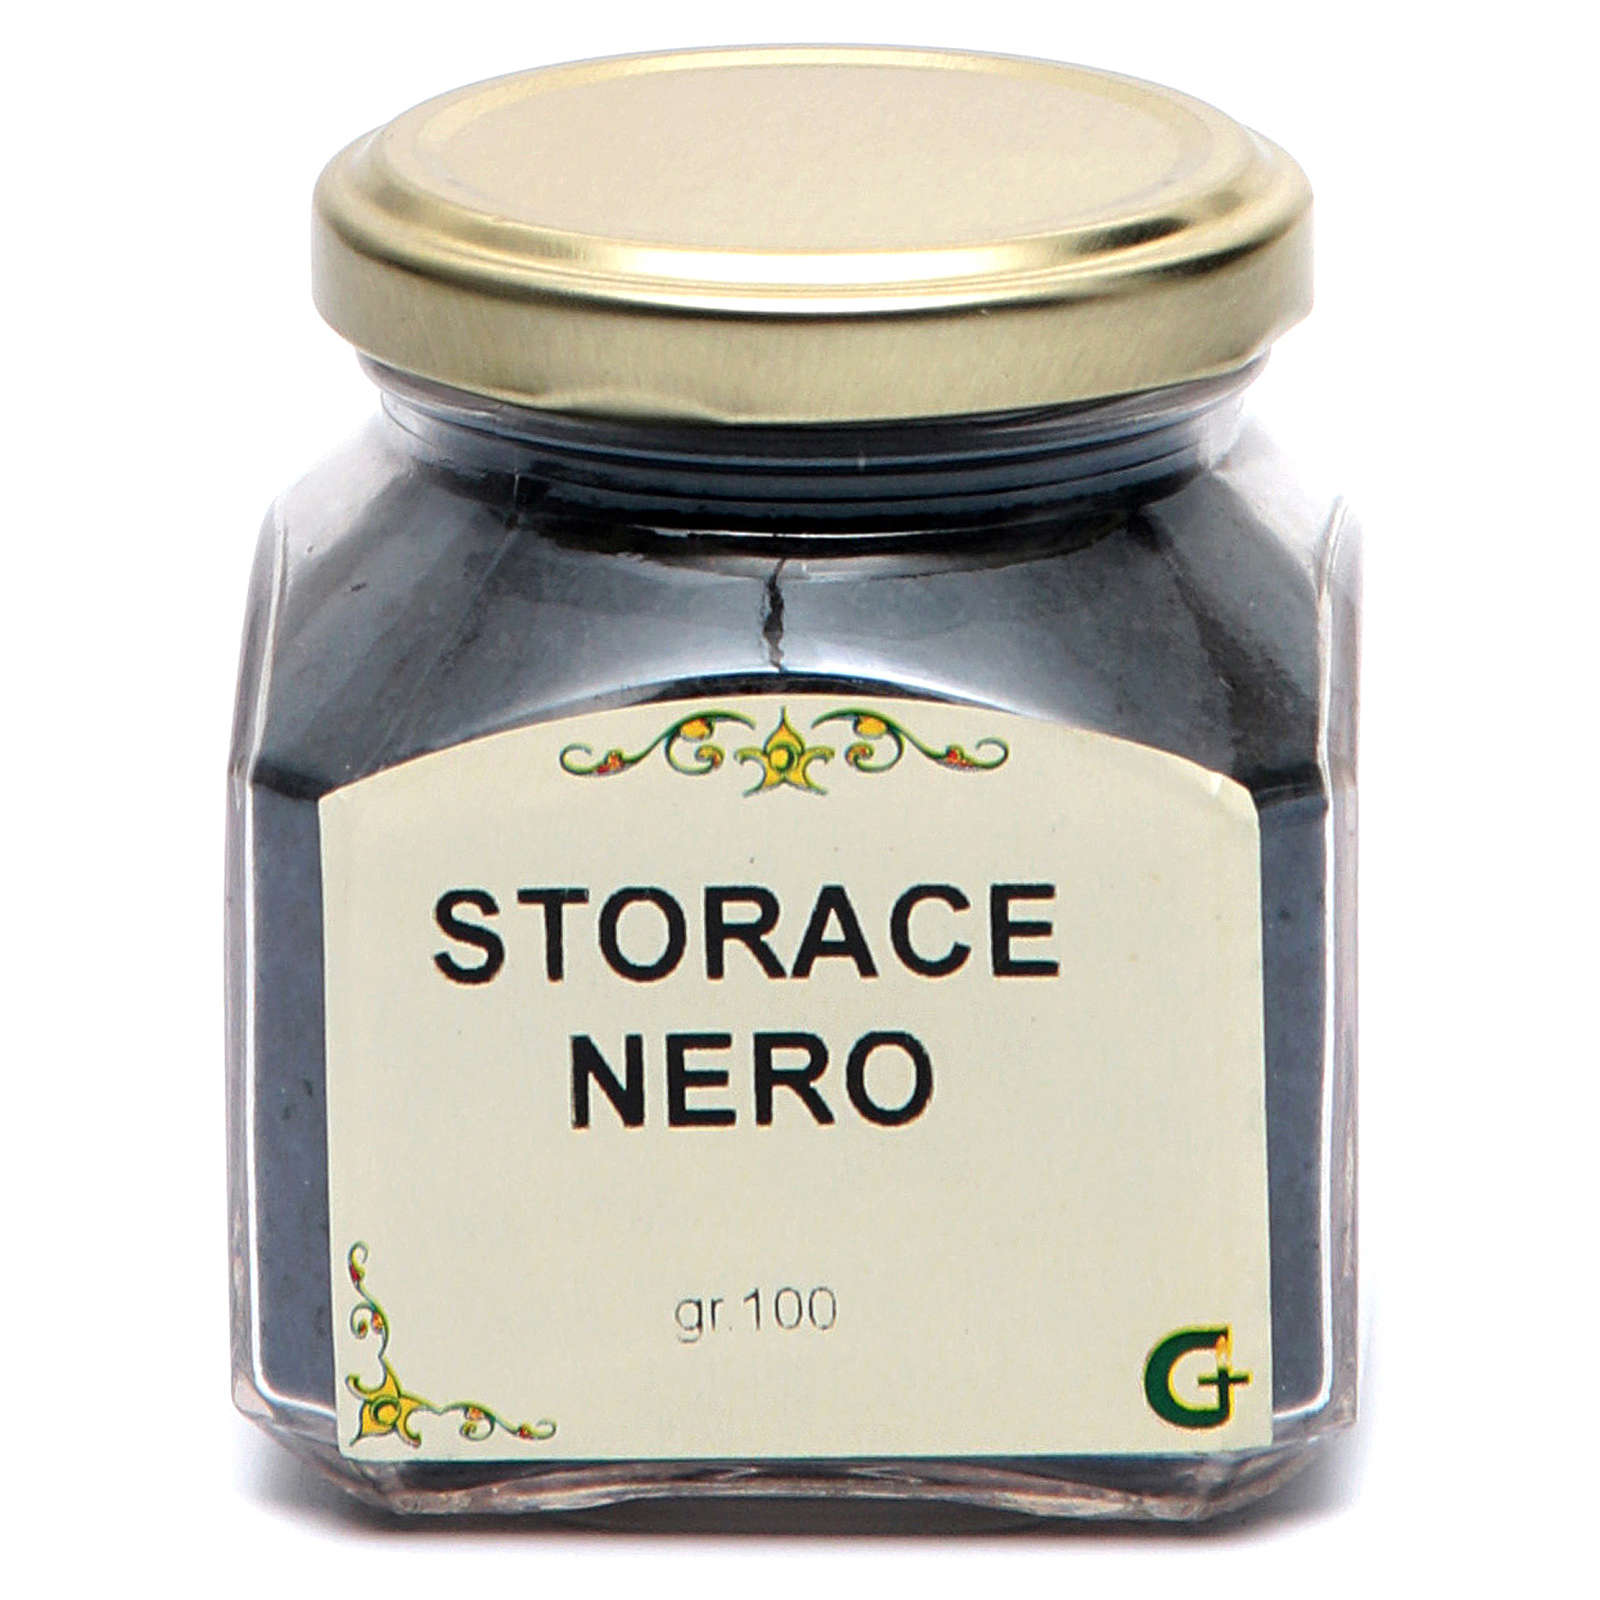 Storace Nero 3